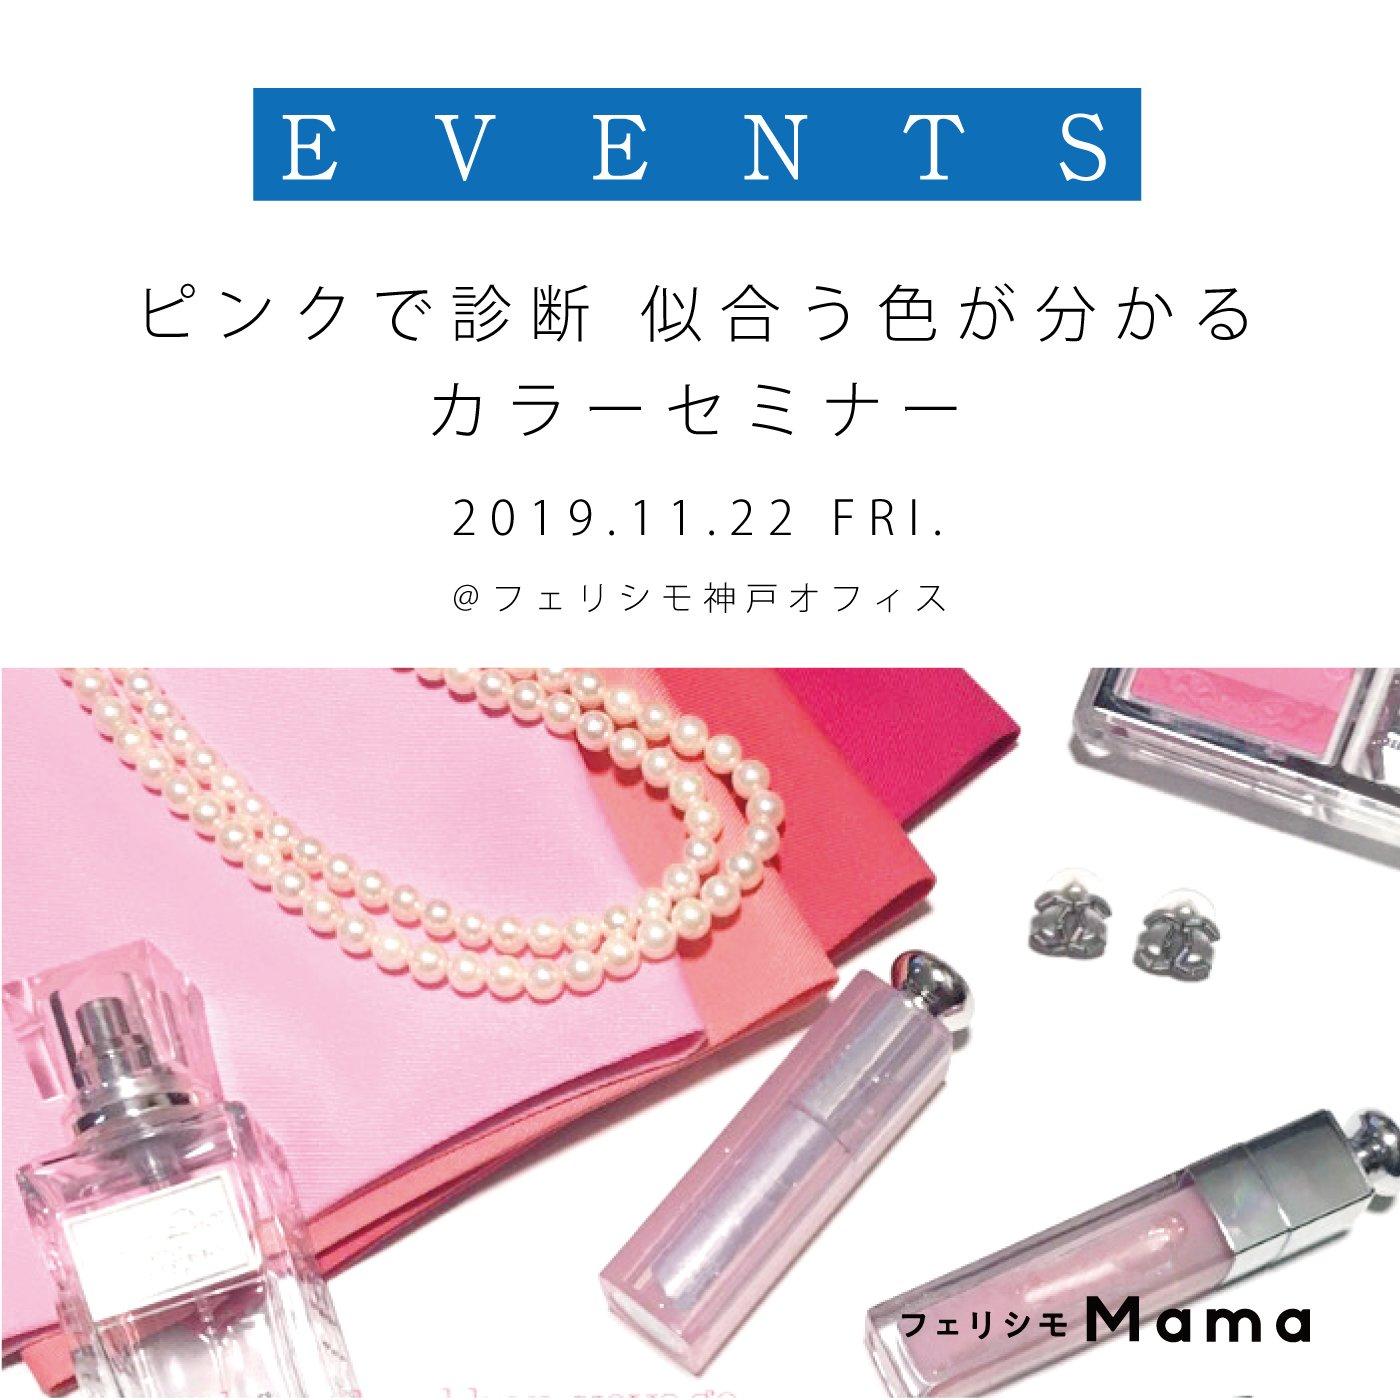 〈フェリシモMama〉2019年11月22日(金)ピンクで診断 自分に似合う色が分かるカラーセミナー